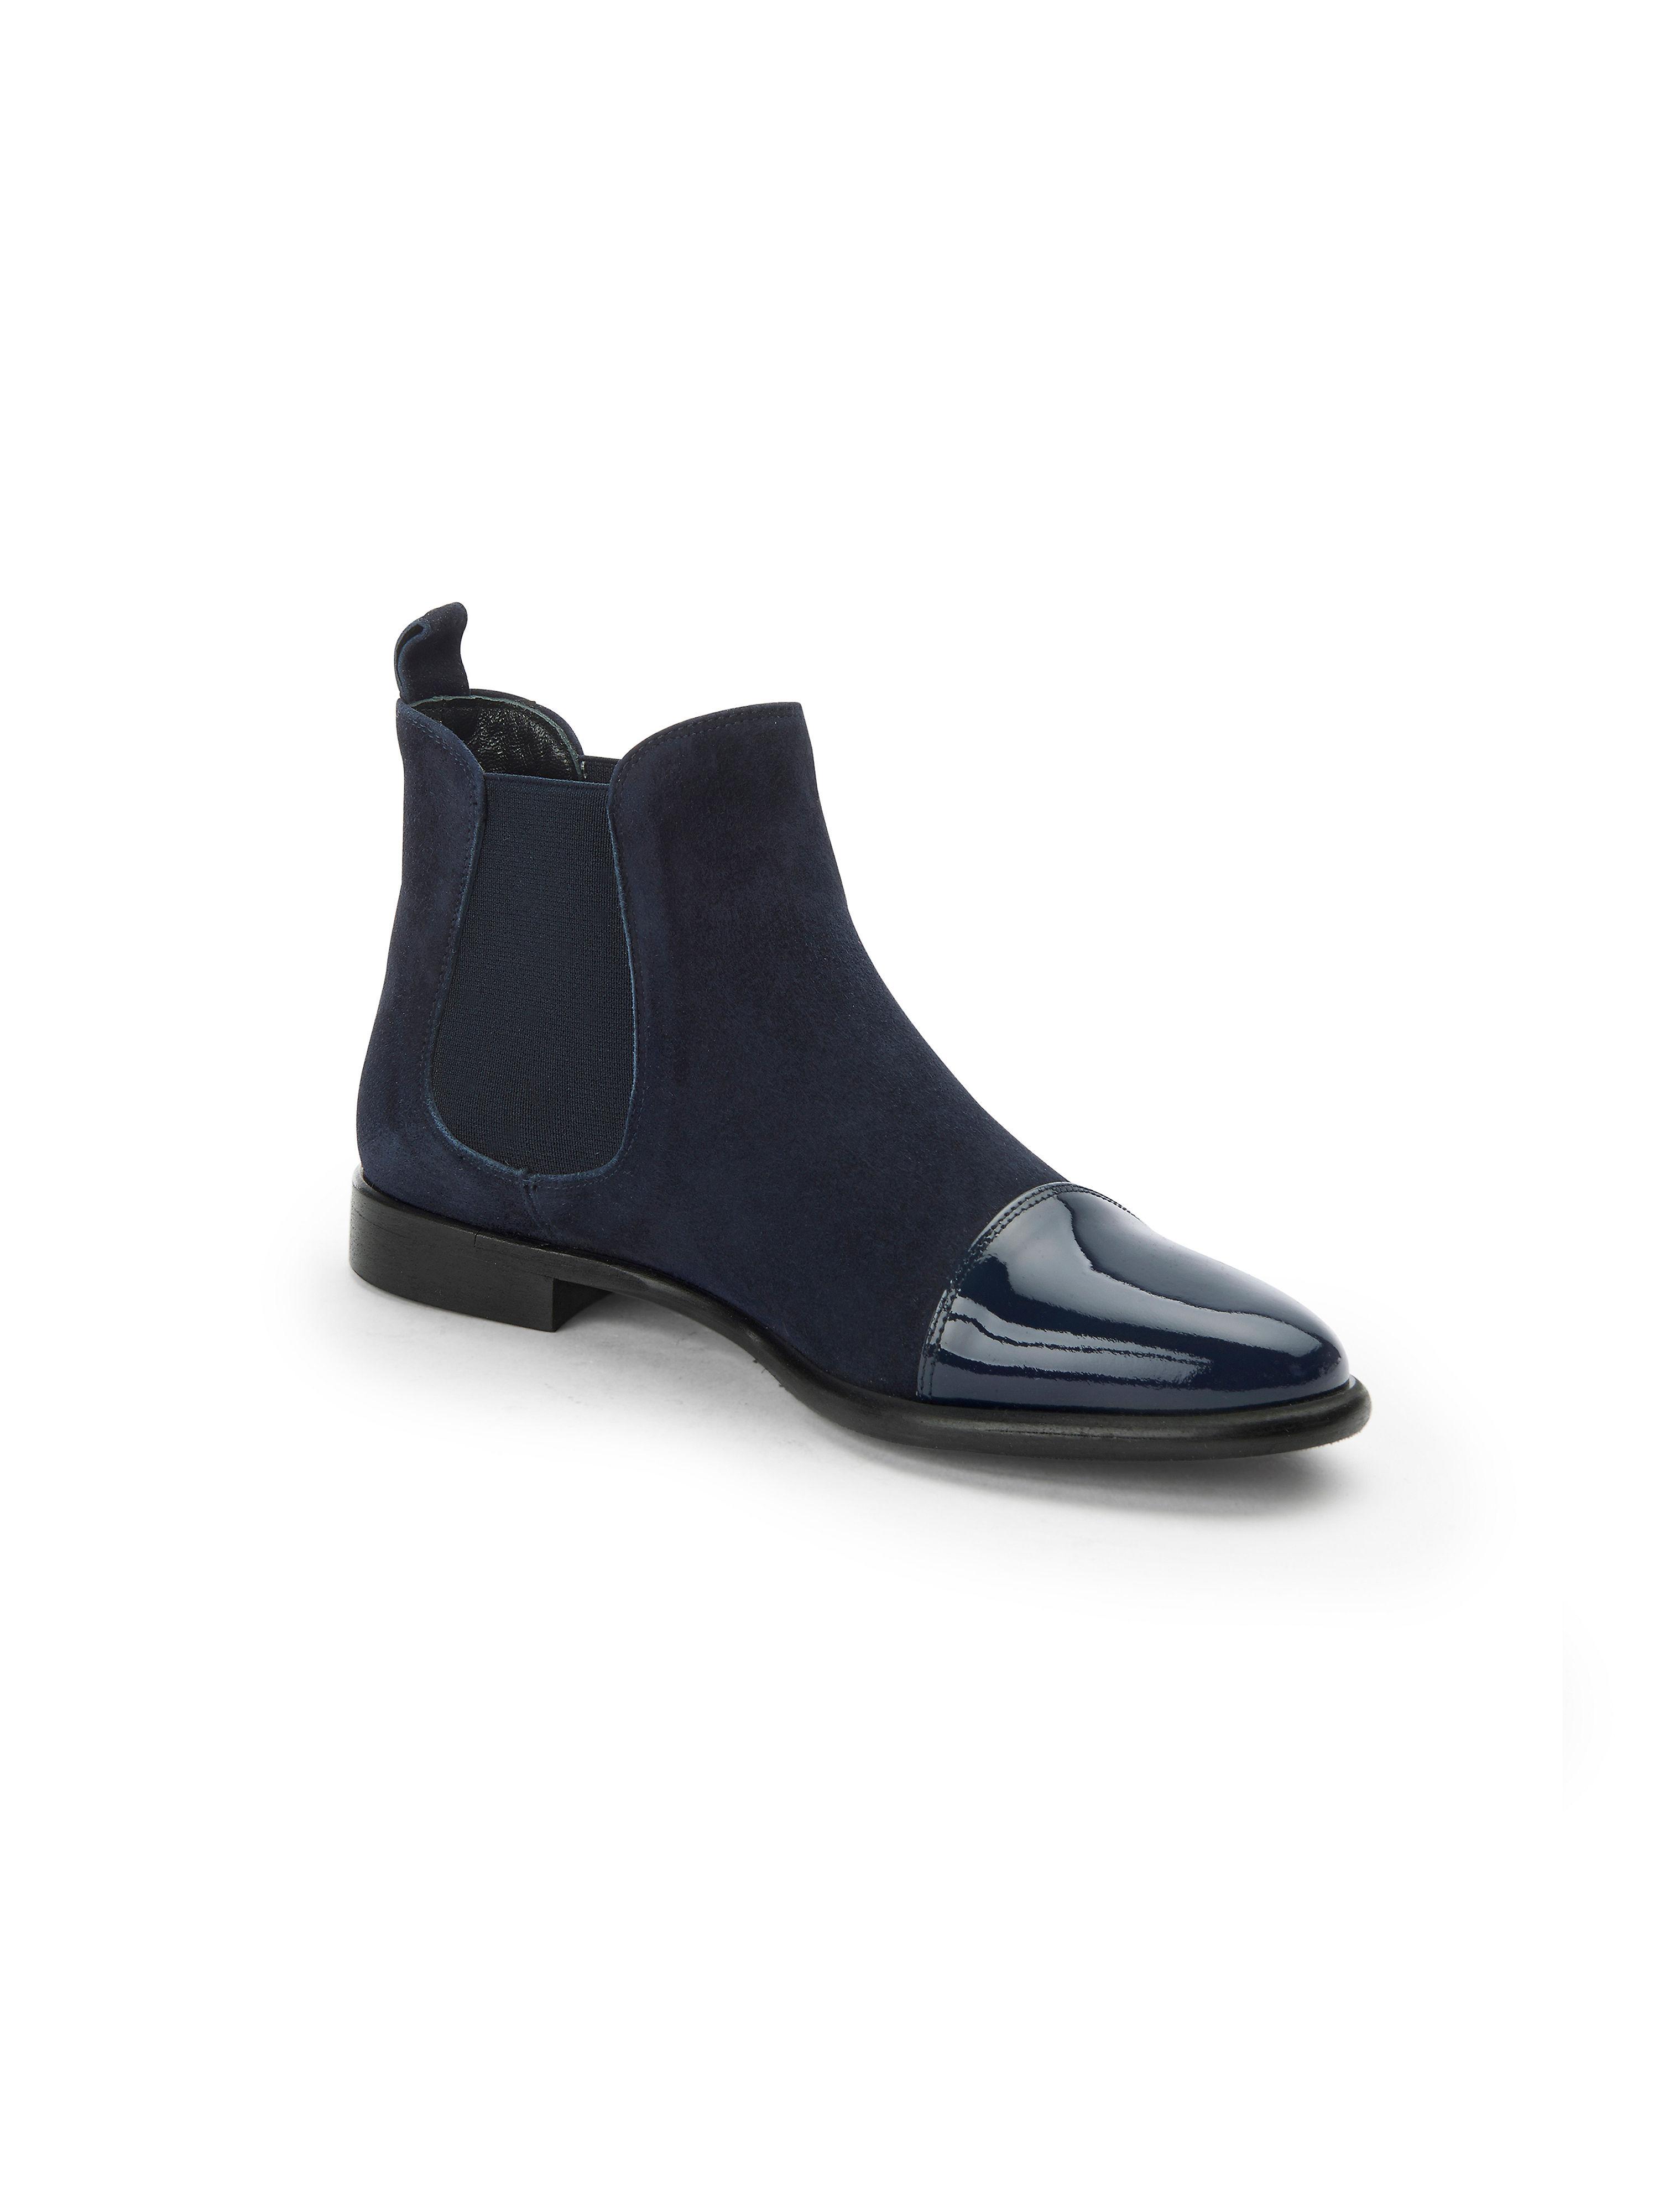 Peter Hahn exquisit - Stiefelette aus 100% Leder - Marine Gute Qualität beliebte Schuhe